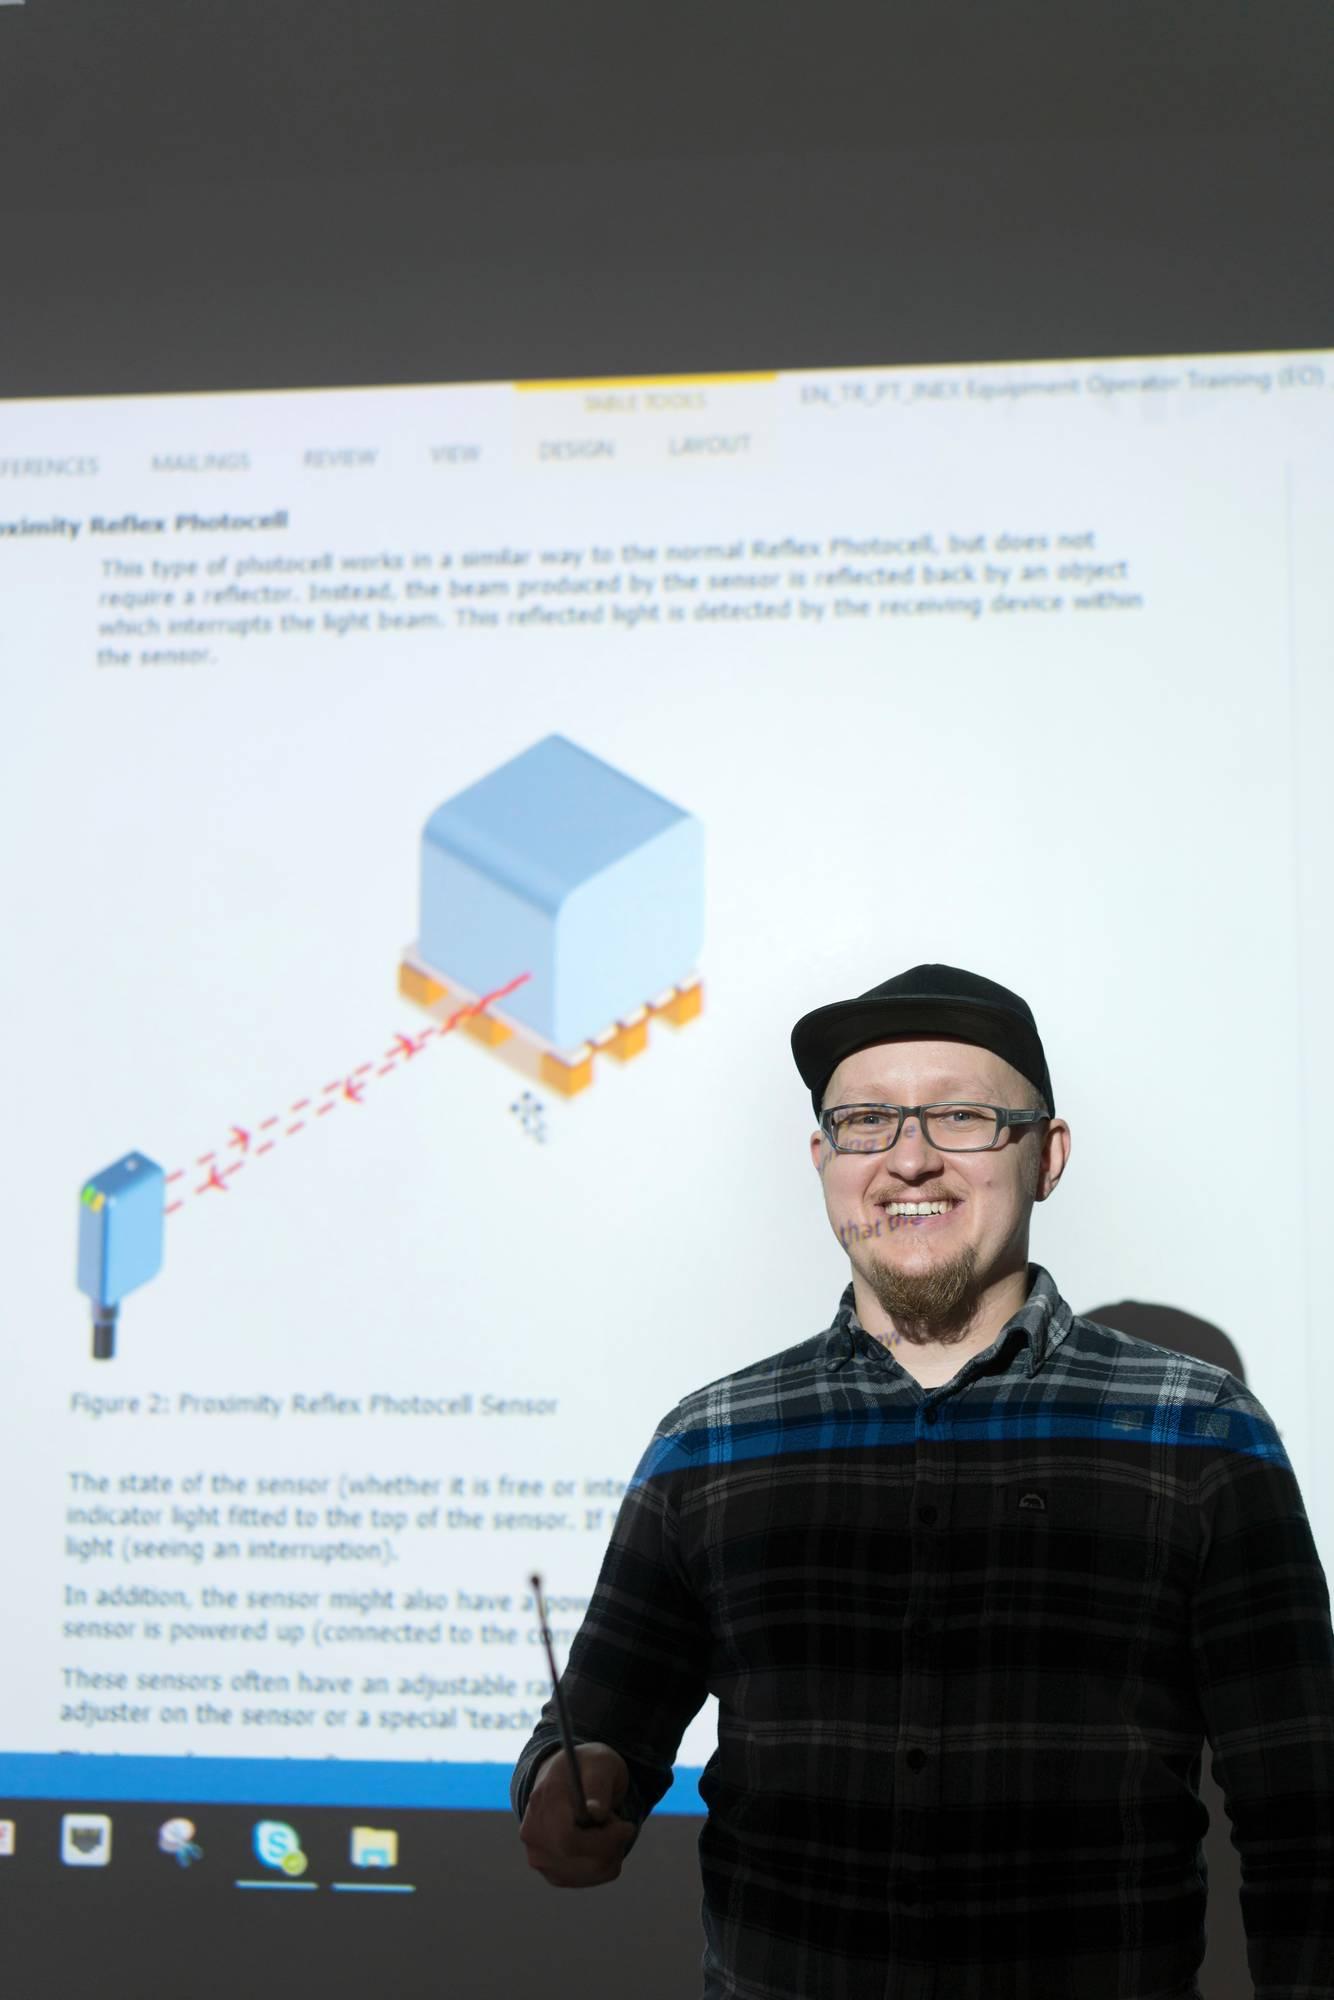 Hannu Ylikotilalle opetteli uuden tekniikan ulkomailla, ennen kuin ryhtyi opettamaan sitä työkavereilleen. Kuva: Jukka Rapo